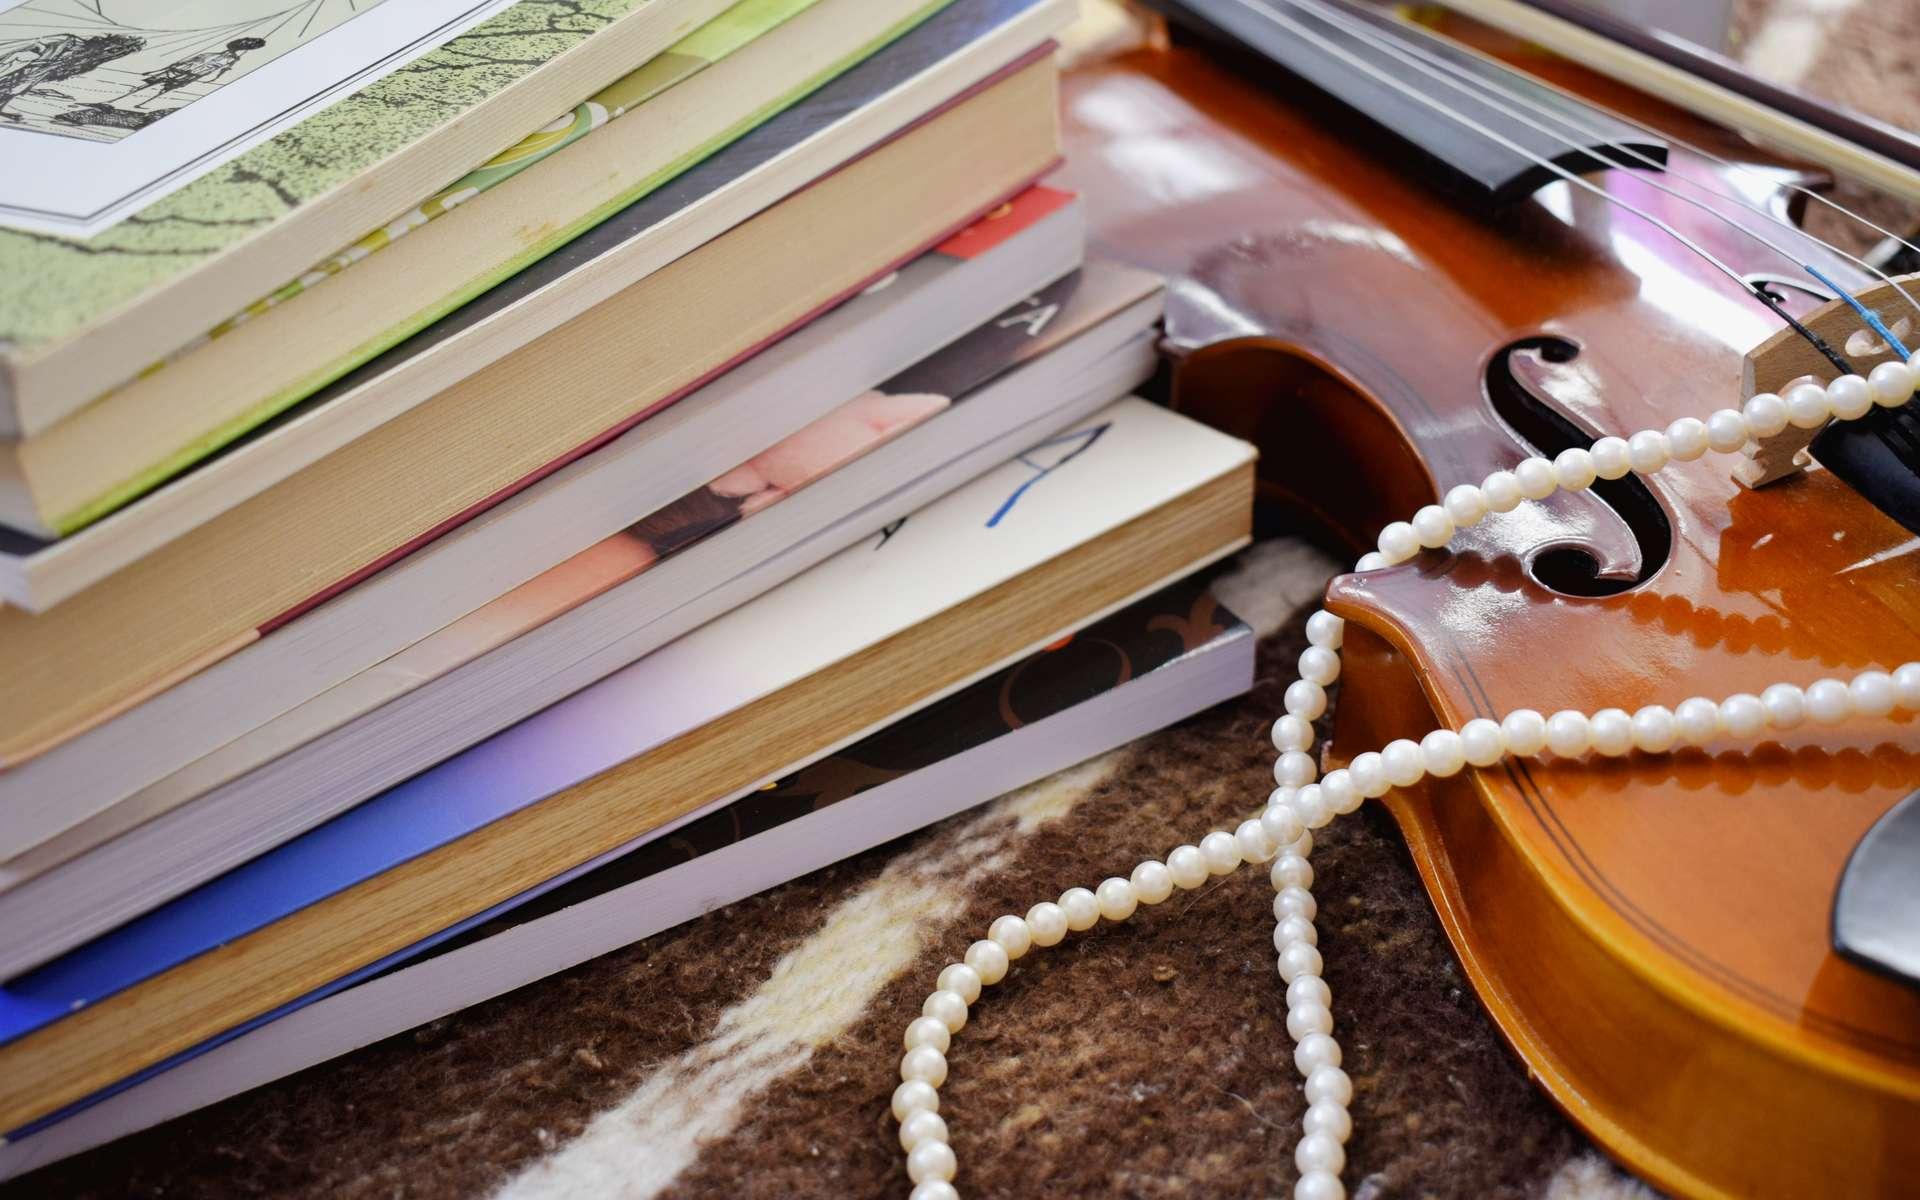 Accessoires de mode, loisirs, cours..., le troc est plus que jamais dans l'air du temps. © Lilian, Adobe Stock